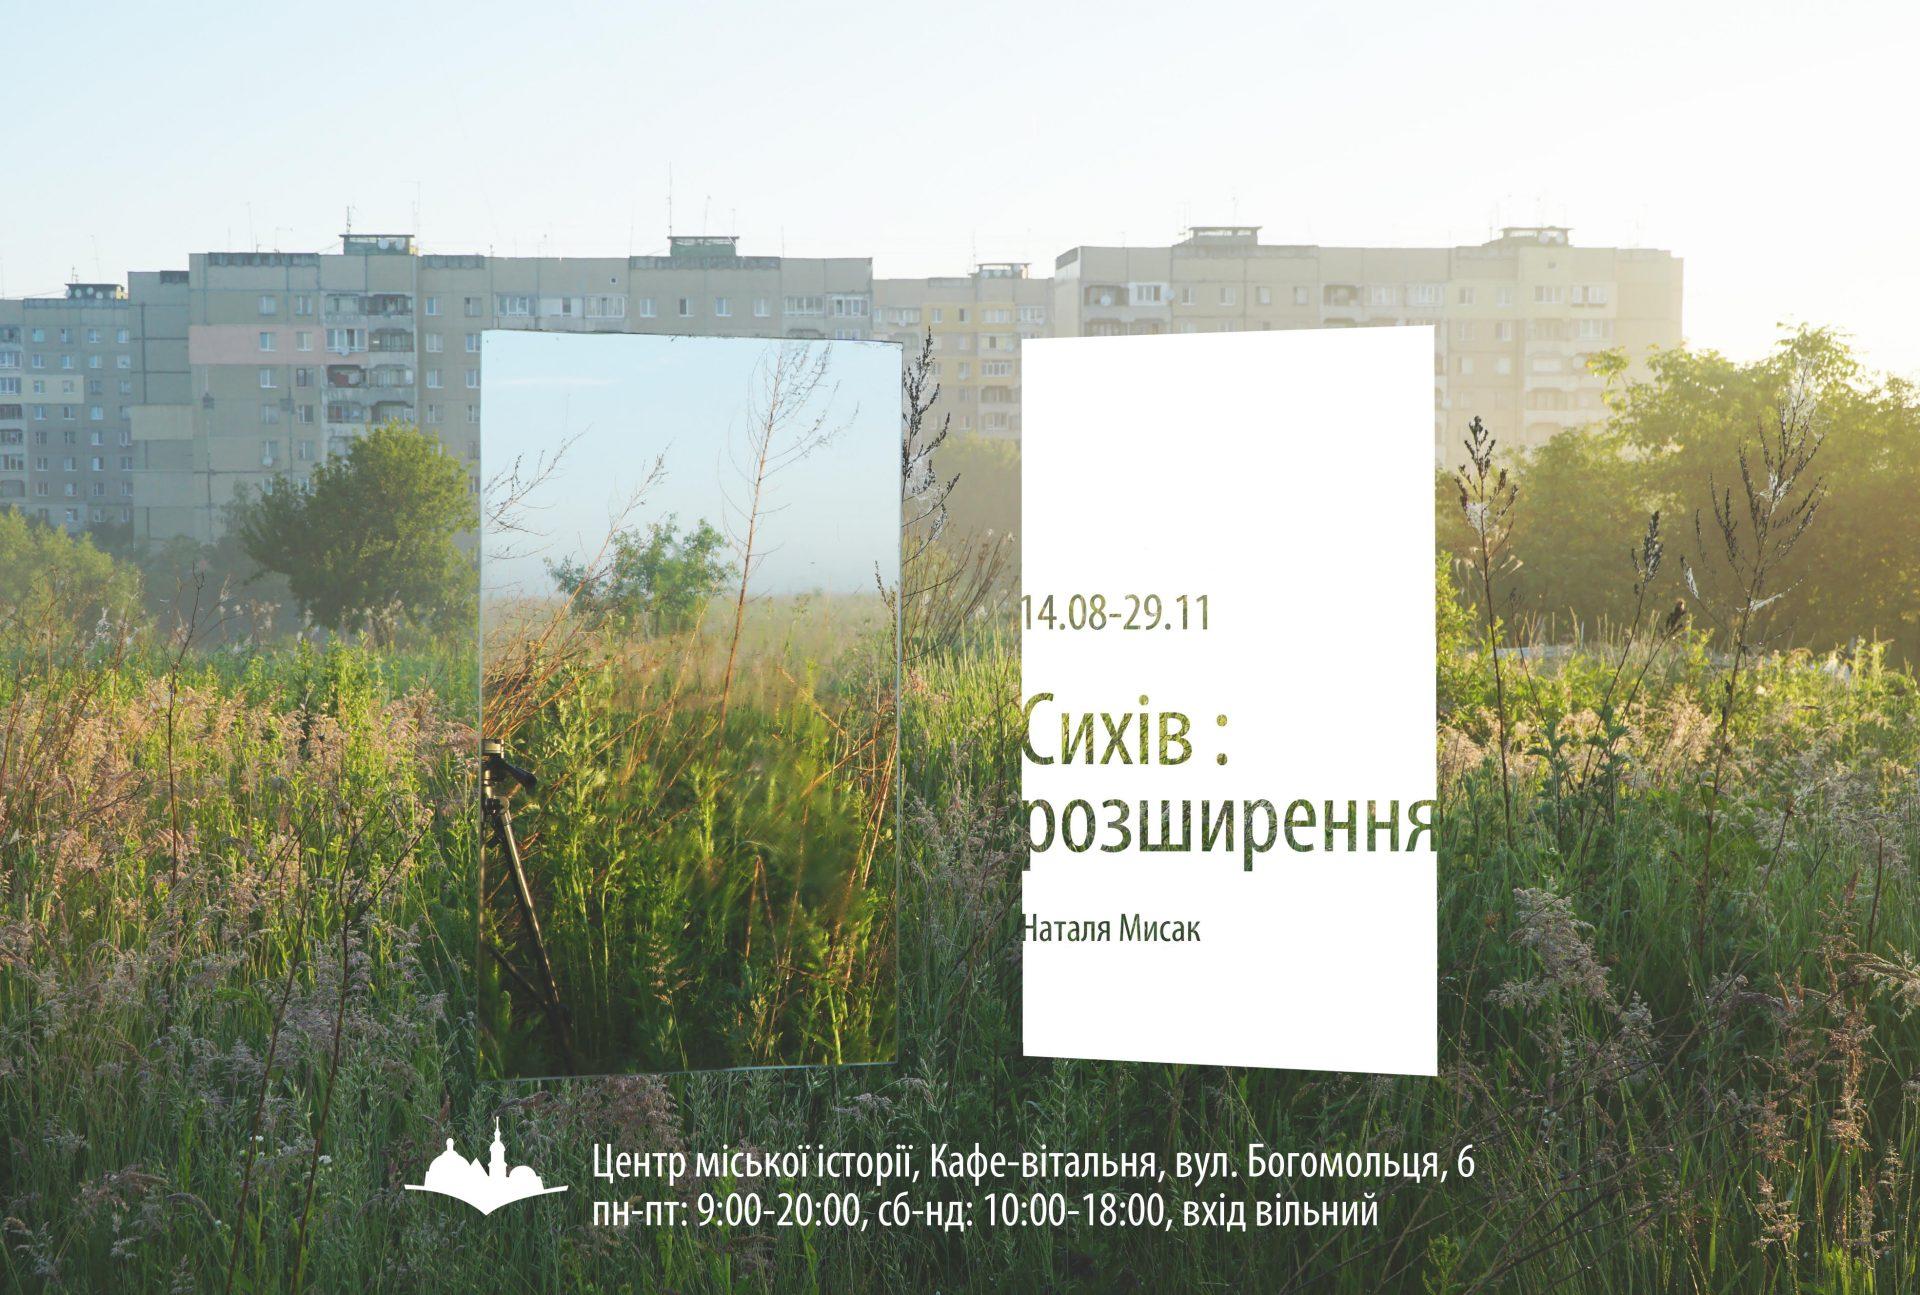 Sykhiv: Extentions. Exhibition by Natalya Mysak